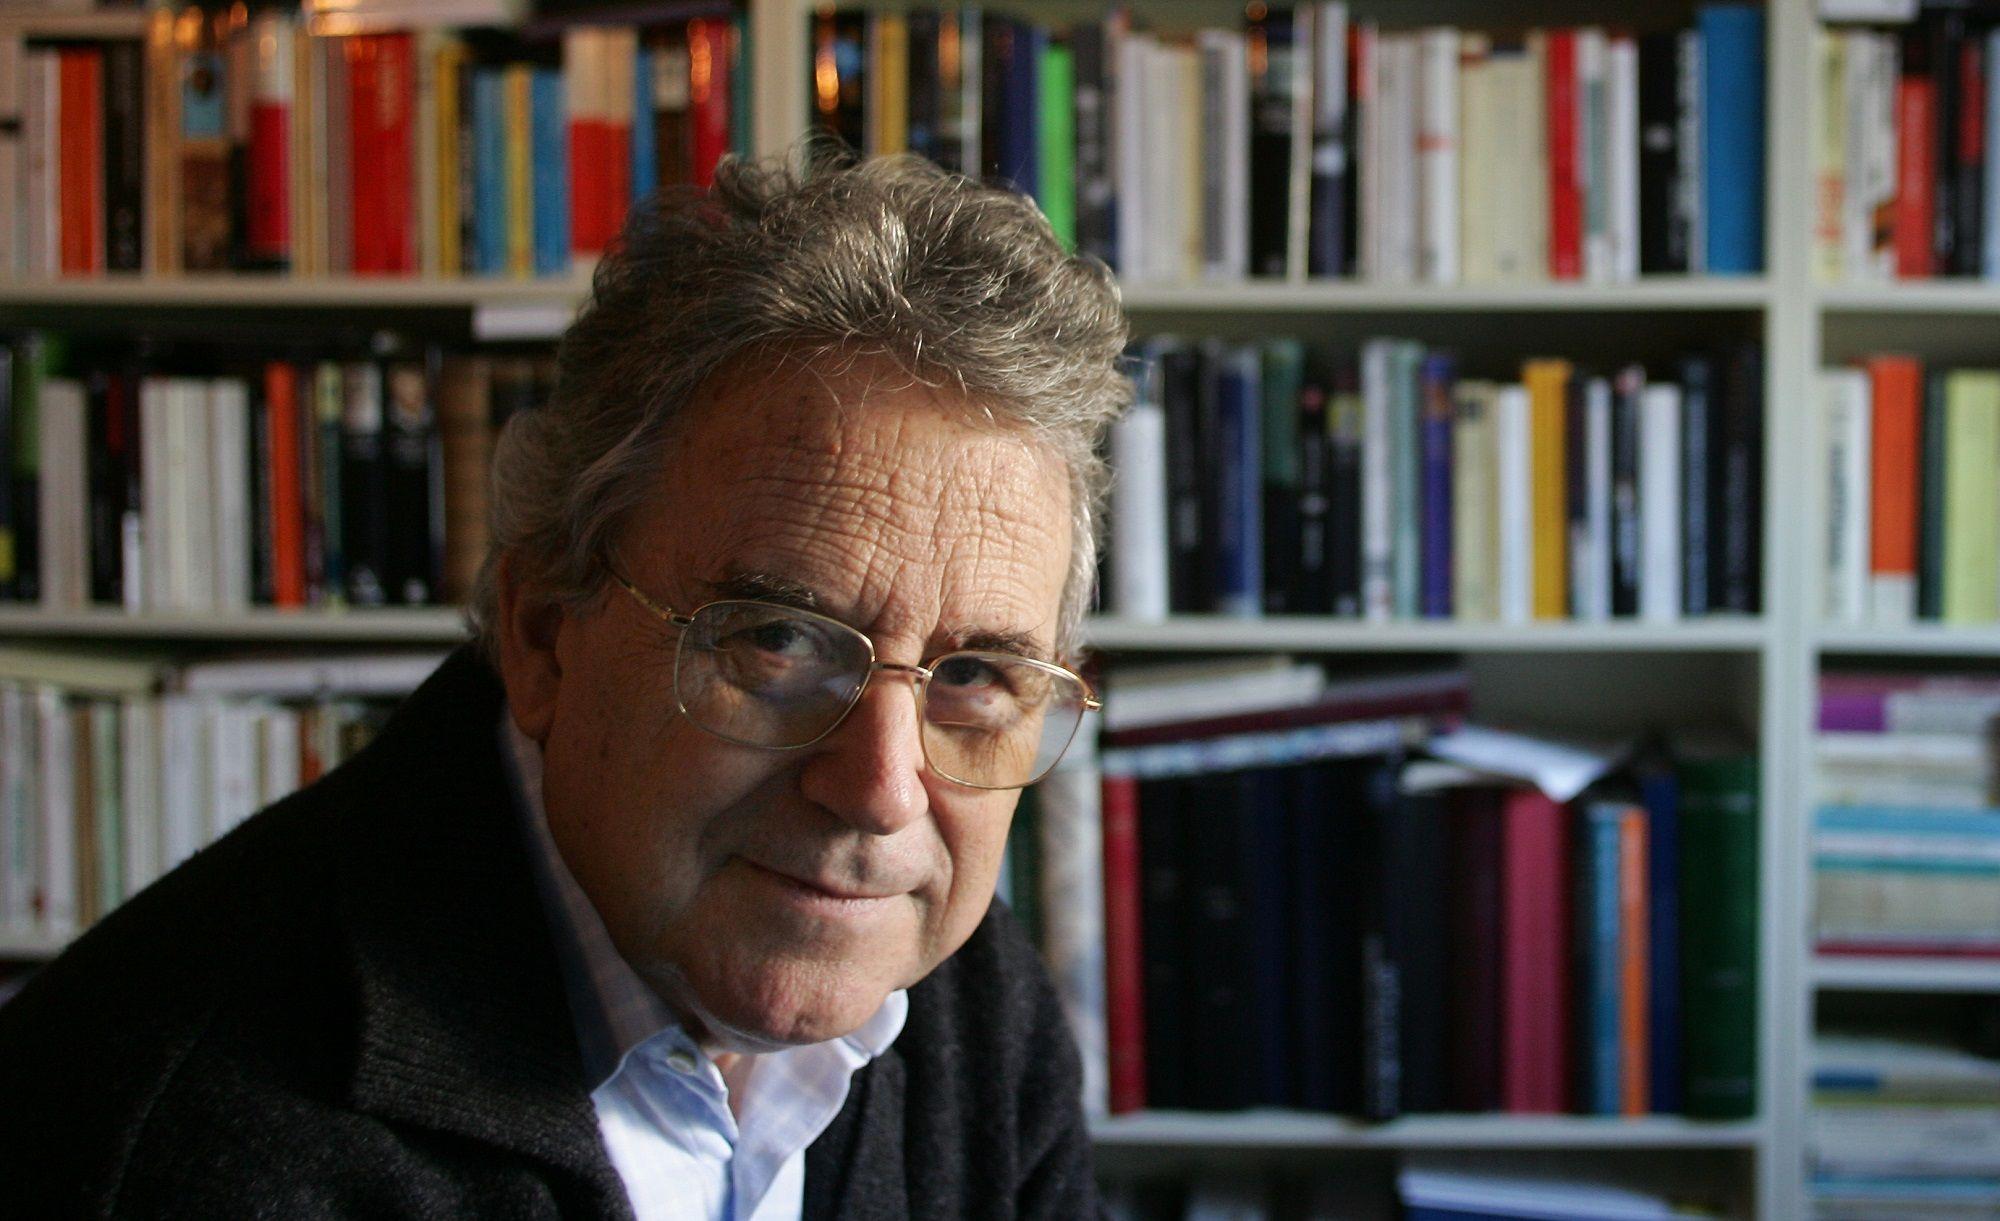 Santos Juliá, historiador y escritor © Gorka Lejarcegi